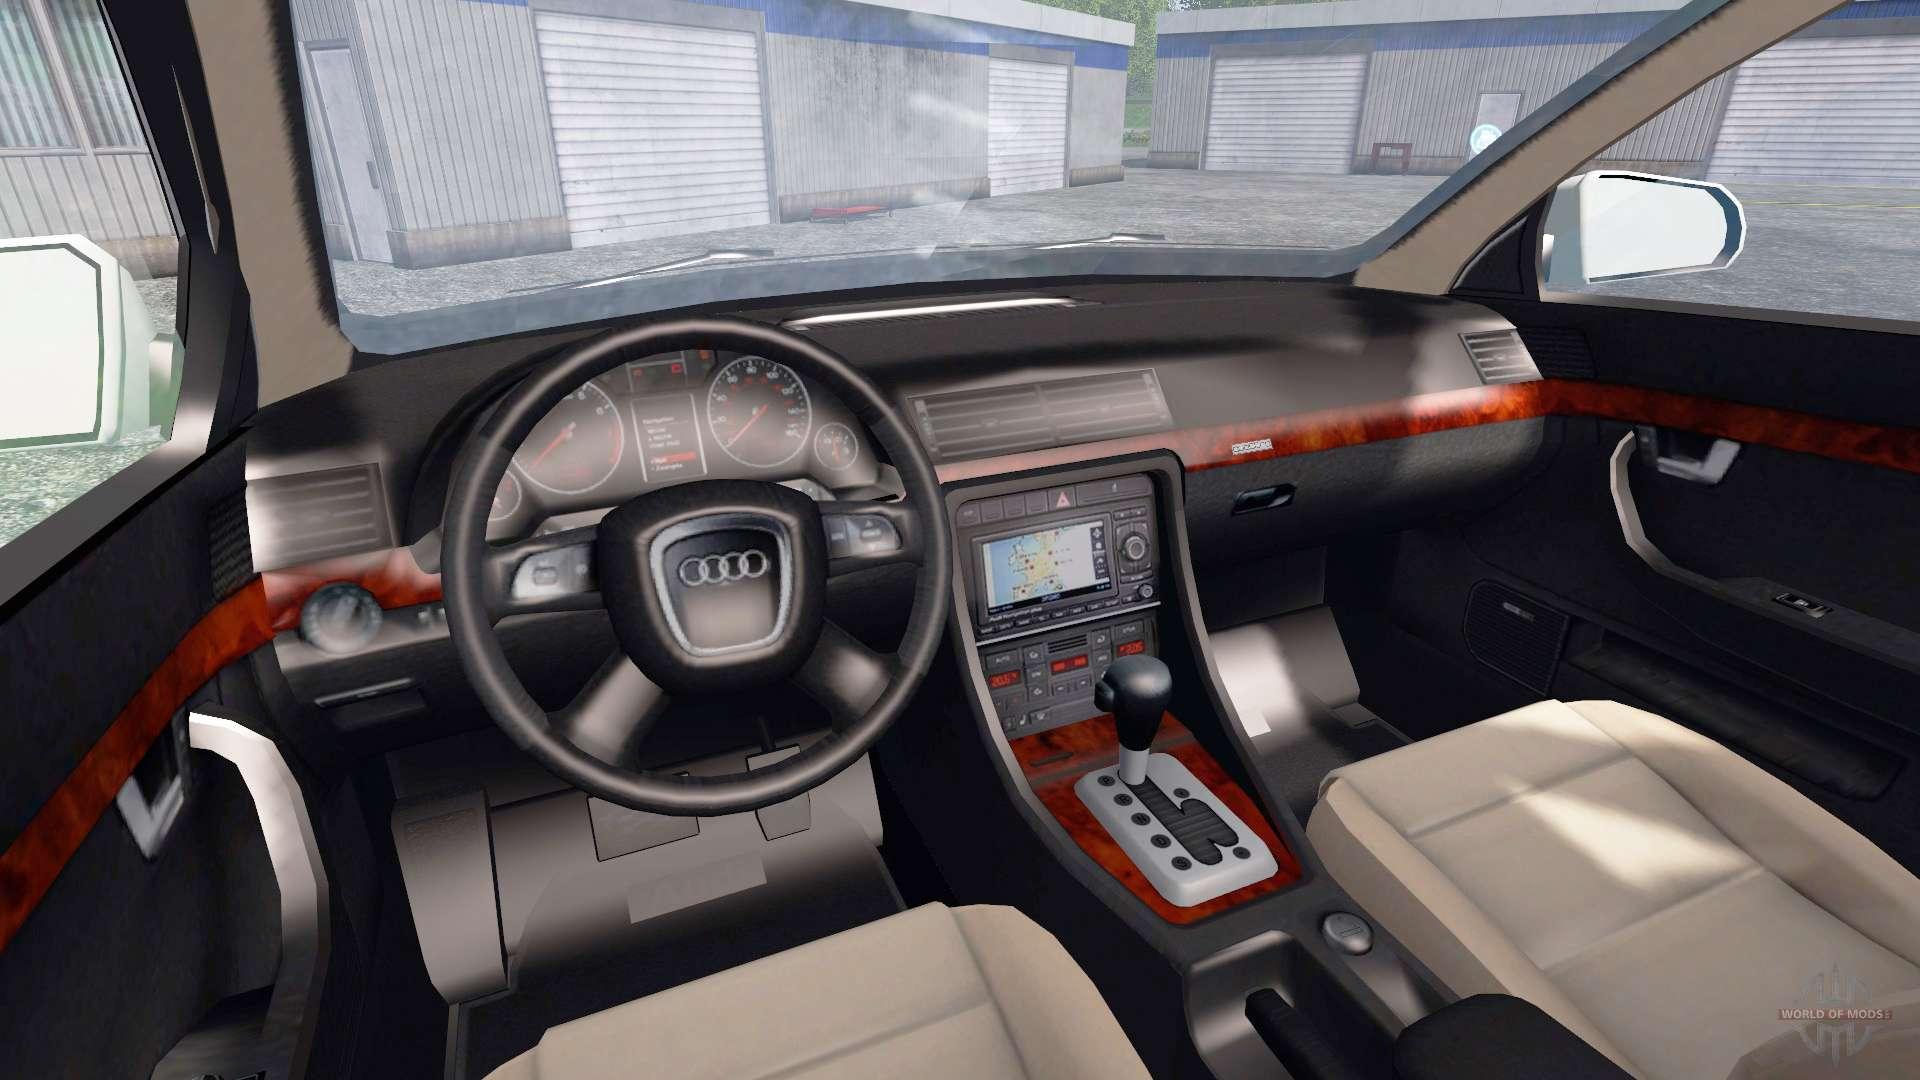 Audi A4 B7 Quattro 30 Tdi для Farming Simulator 2015